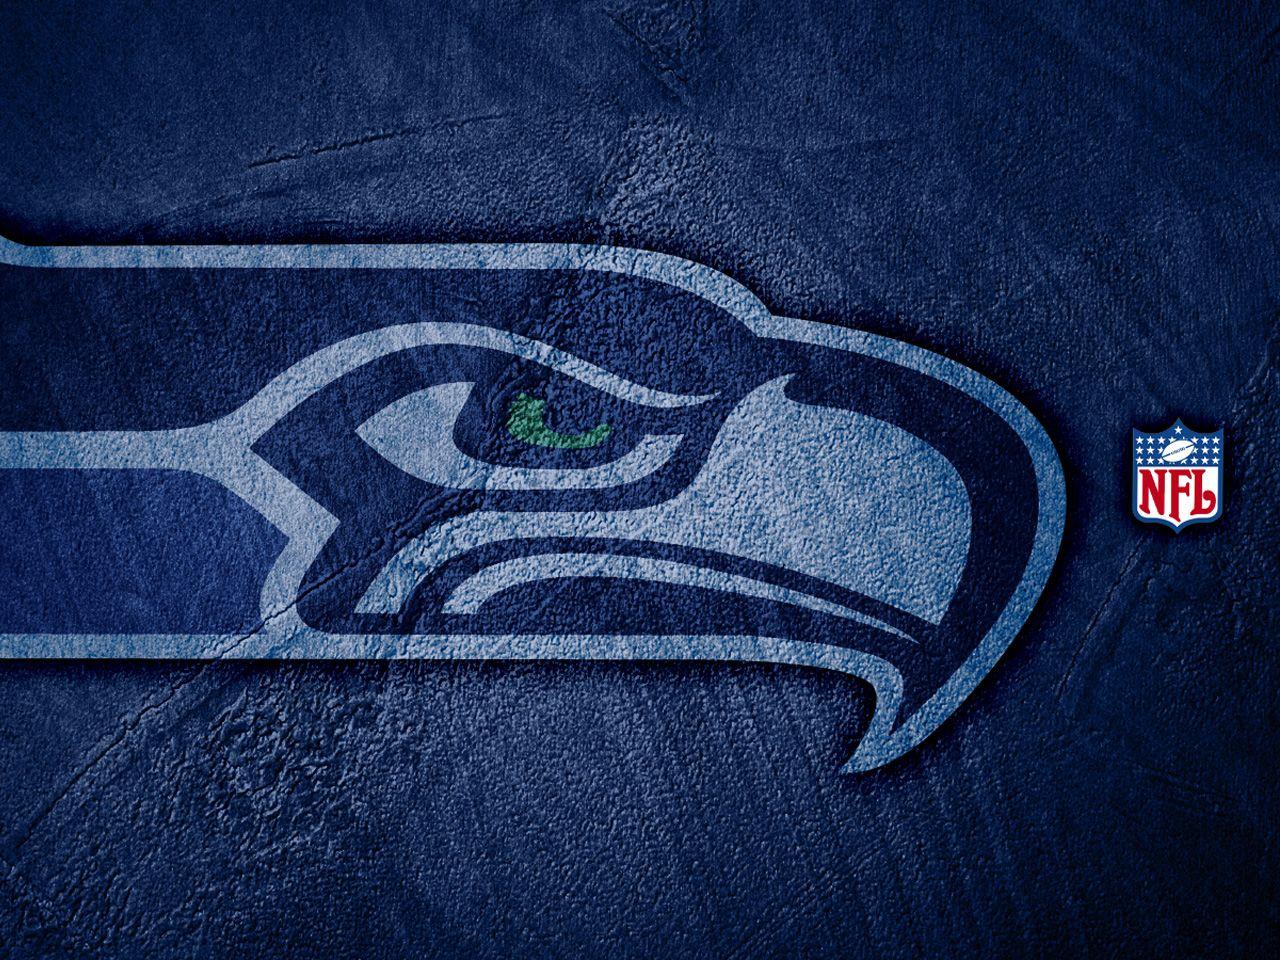 Seattle Seahawks Wallpaper Seattle Seahawks Desktop Theme